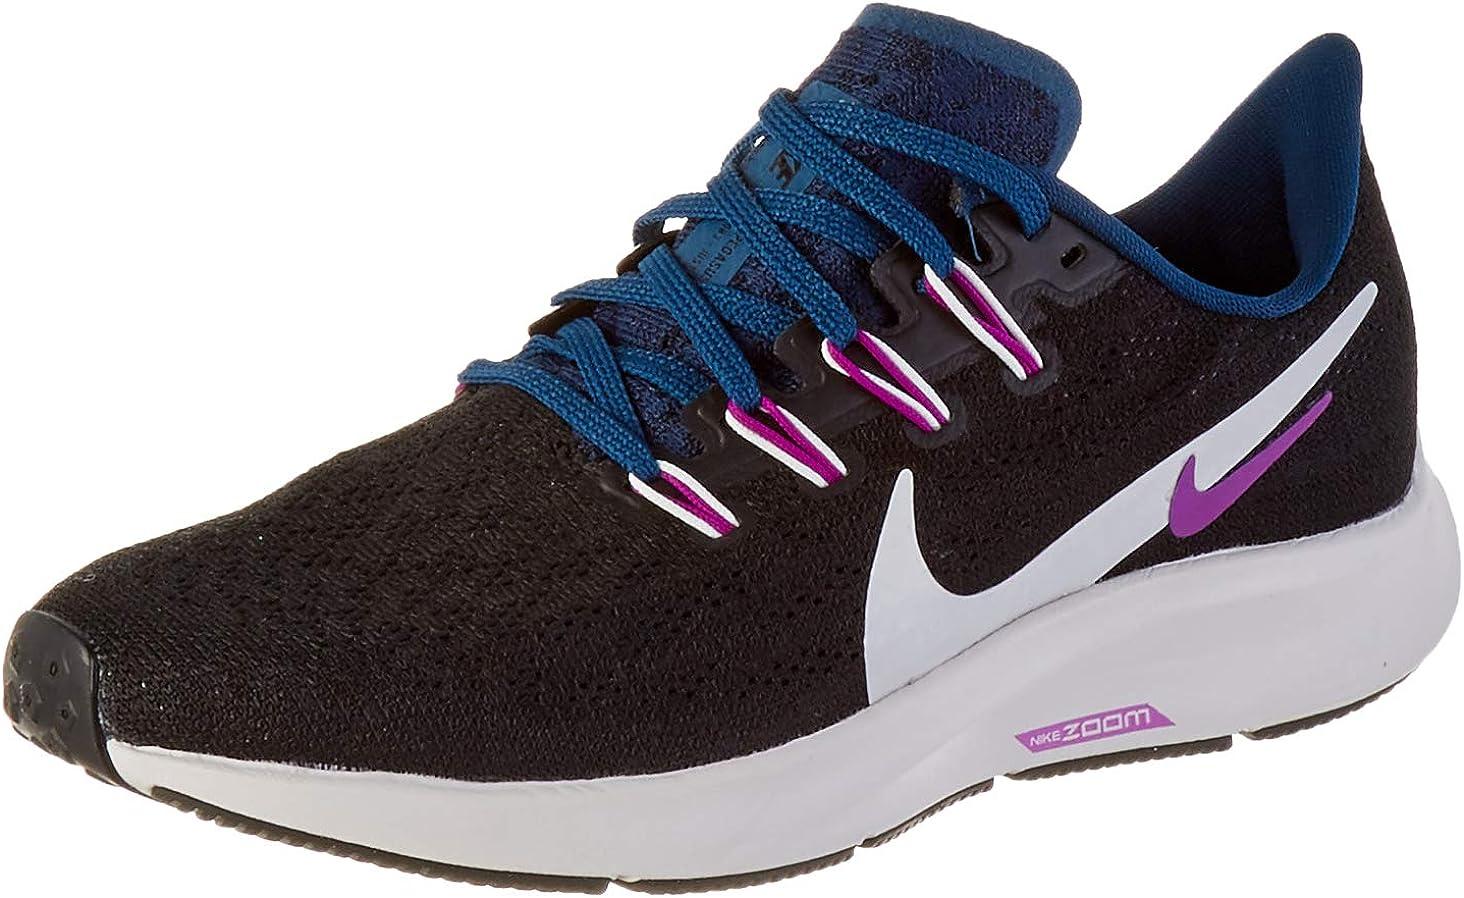 NIKE Wmns Air Zoom Pegasus 36, Zapatillas para Correr para Mujer